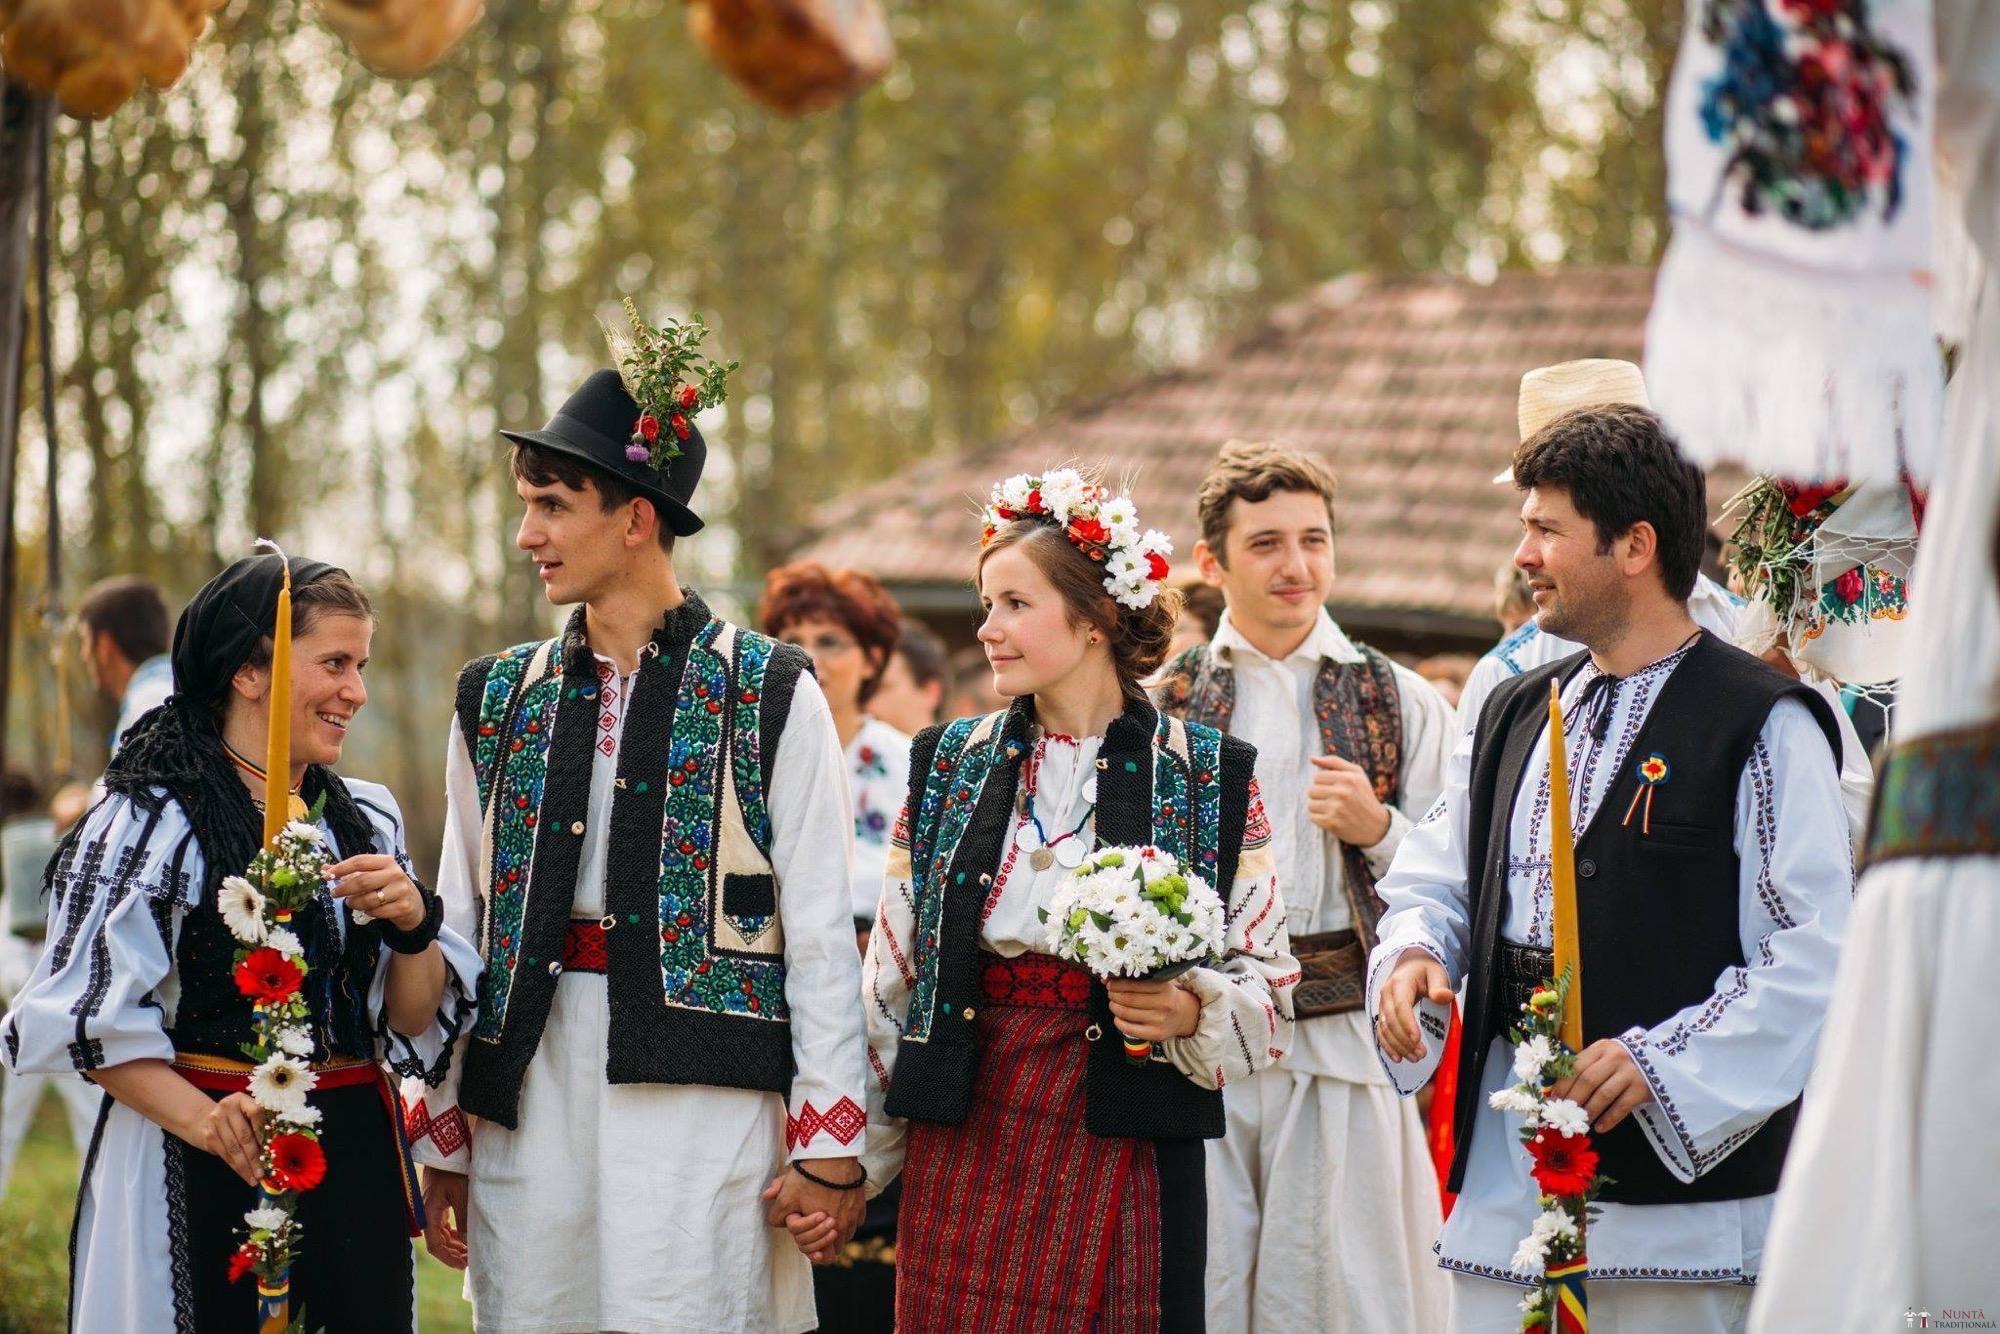 Povești Nunți Tradiționale - Andreea și Sergiu. Nuntă tradițională în Alba-Iulia 41